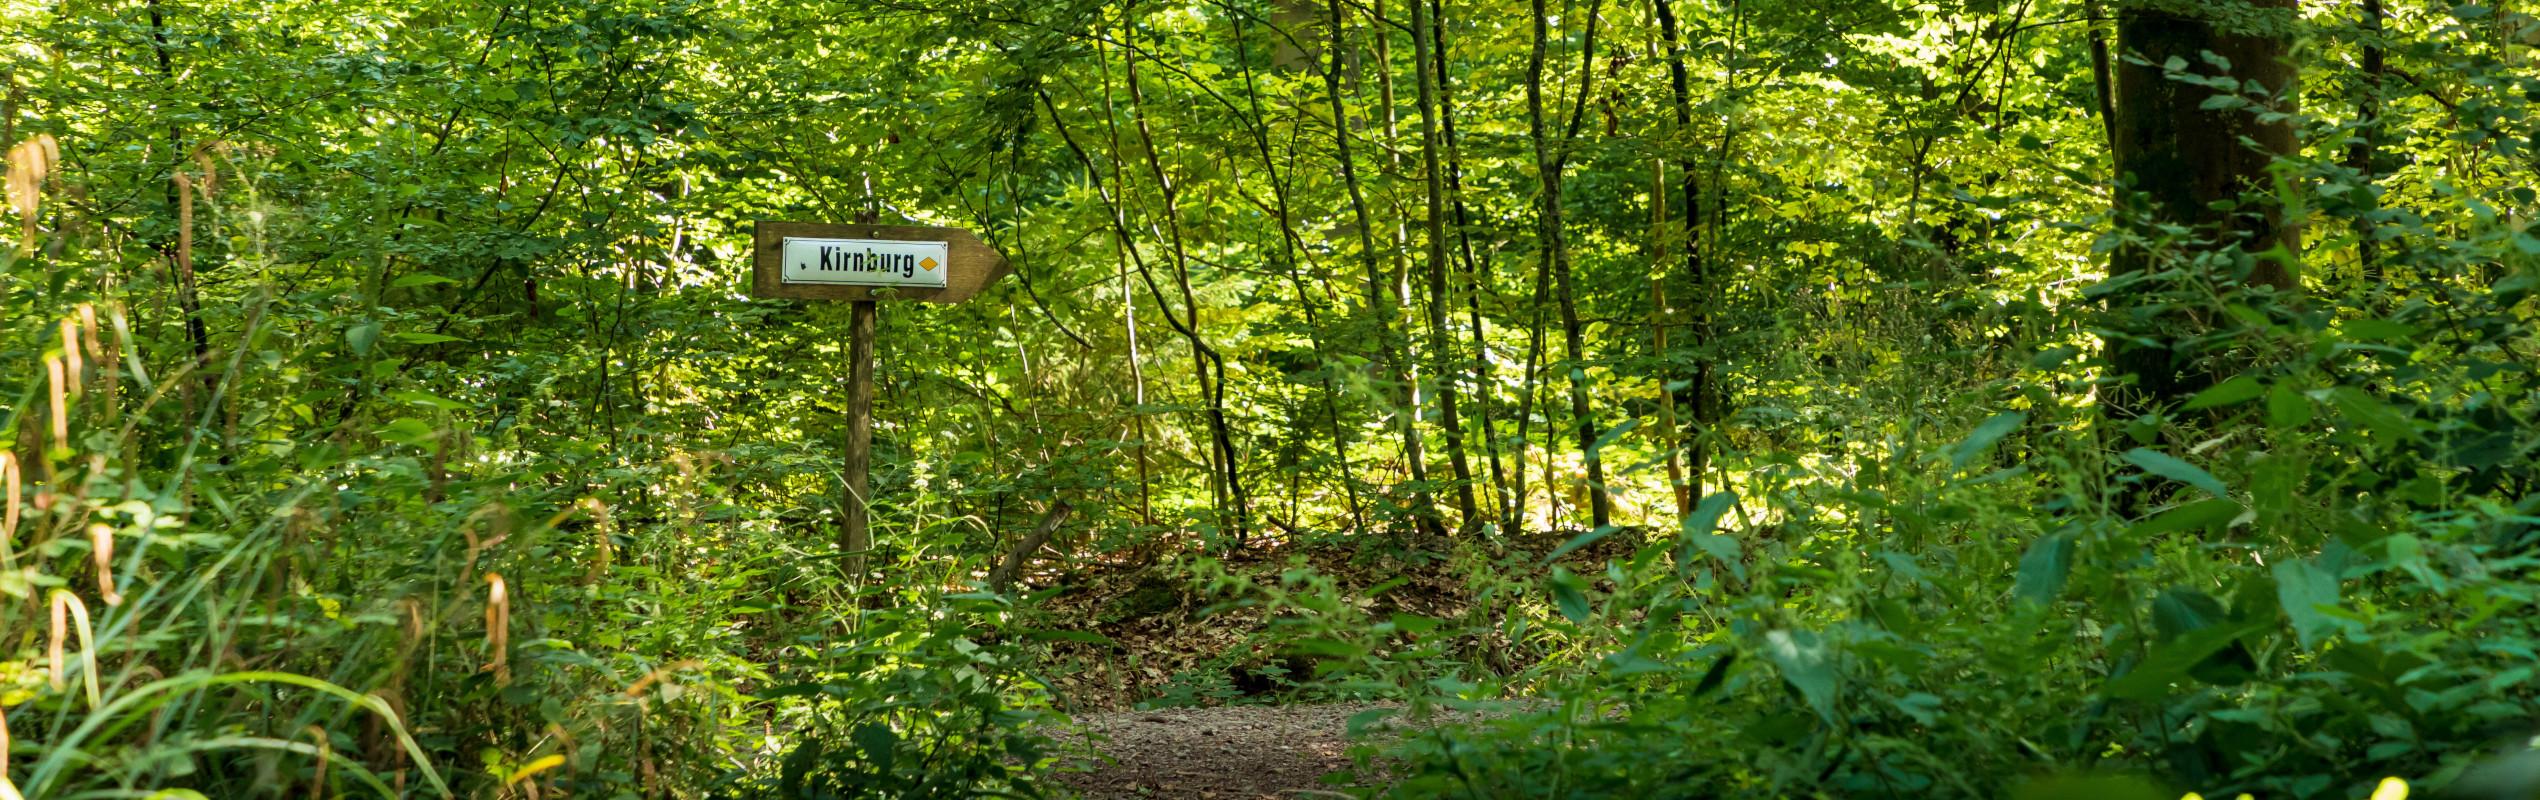 Wanderwege zur Kirnburg